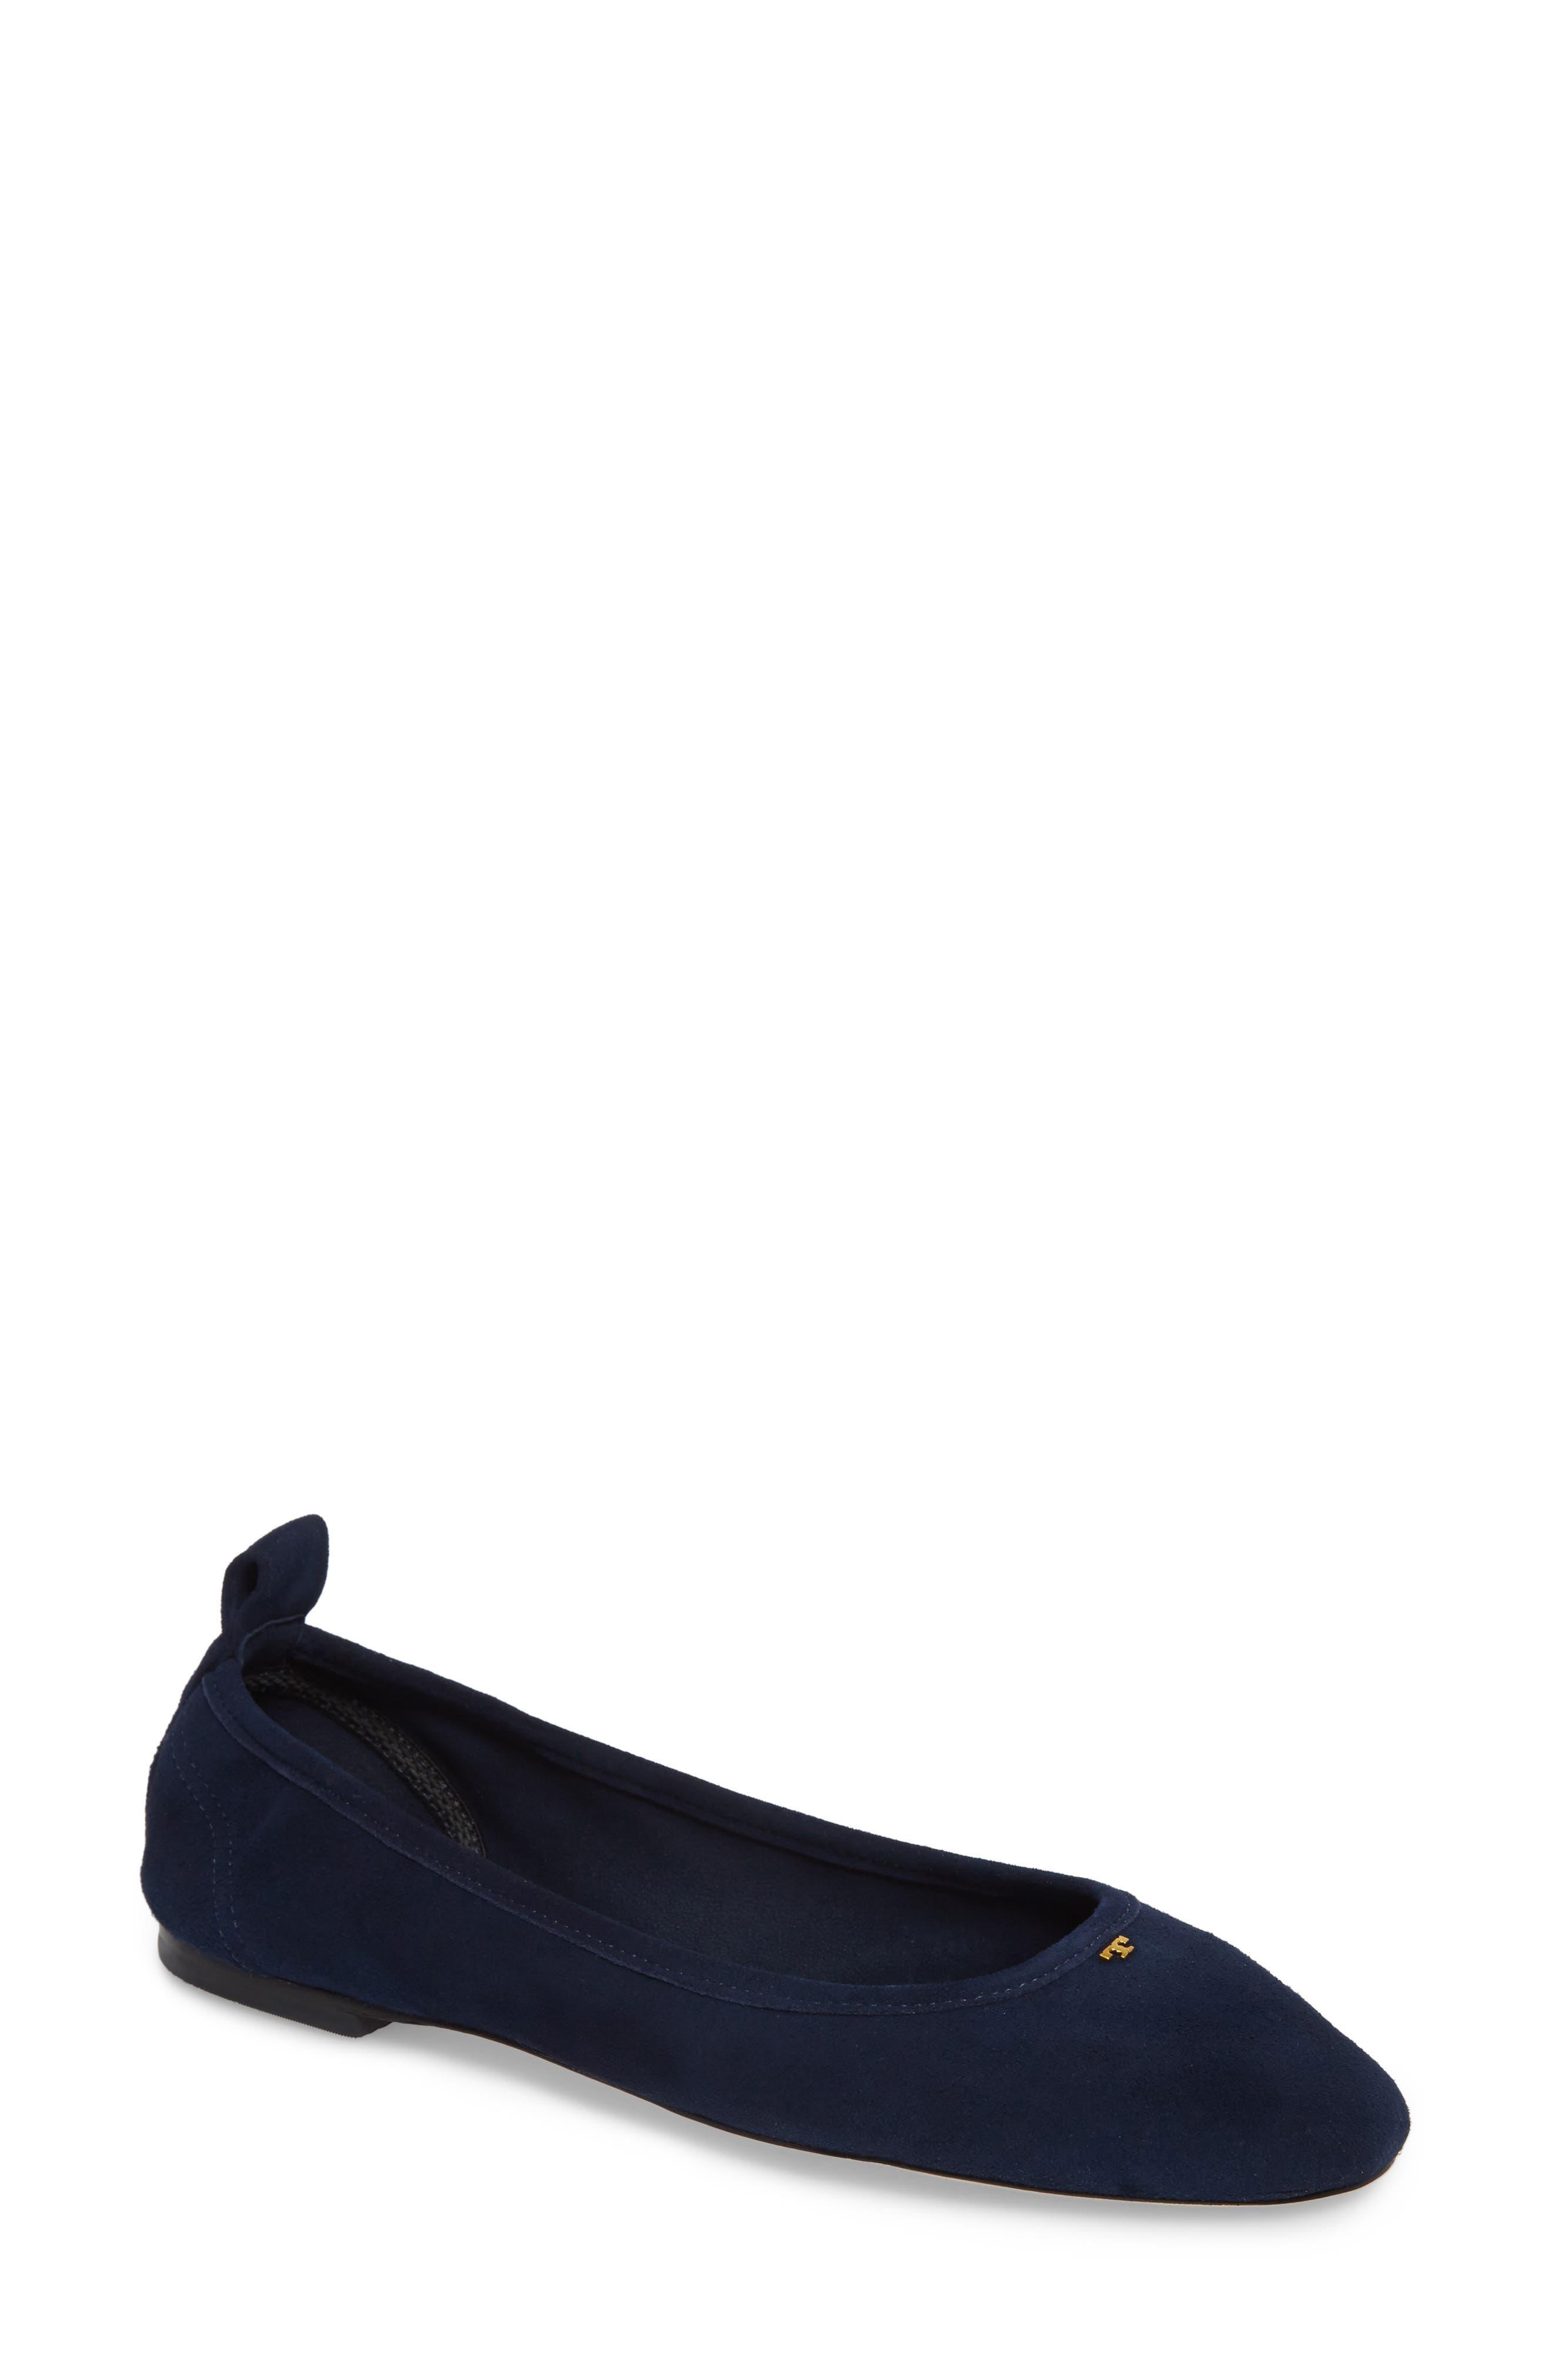 Therese Ballet Flat,                         Main,                         color, Royal Navy